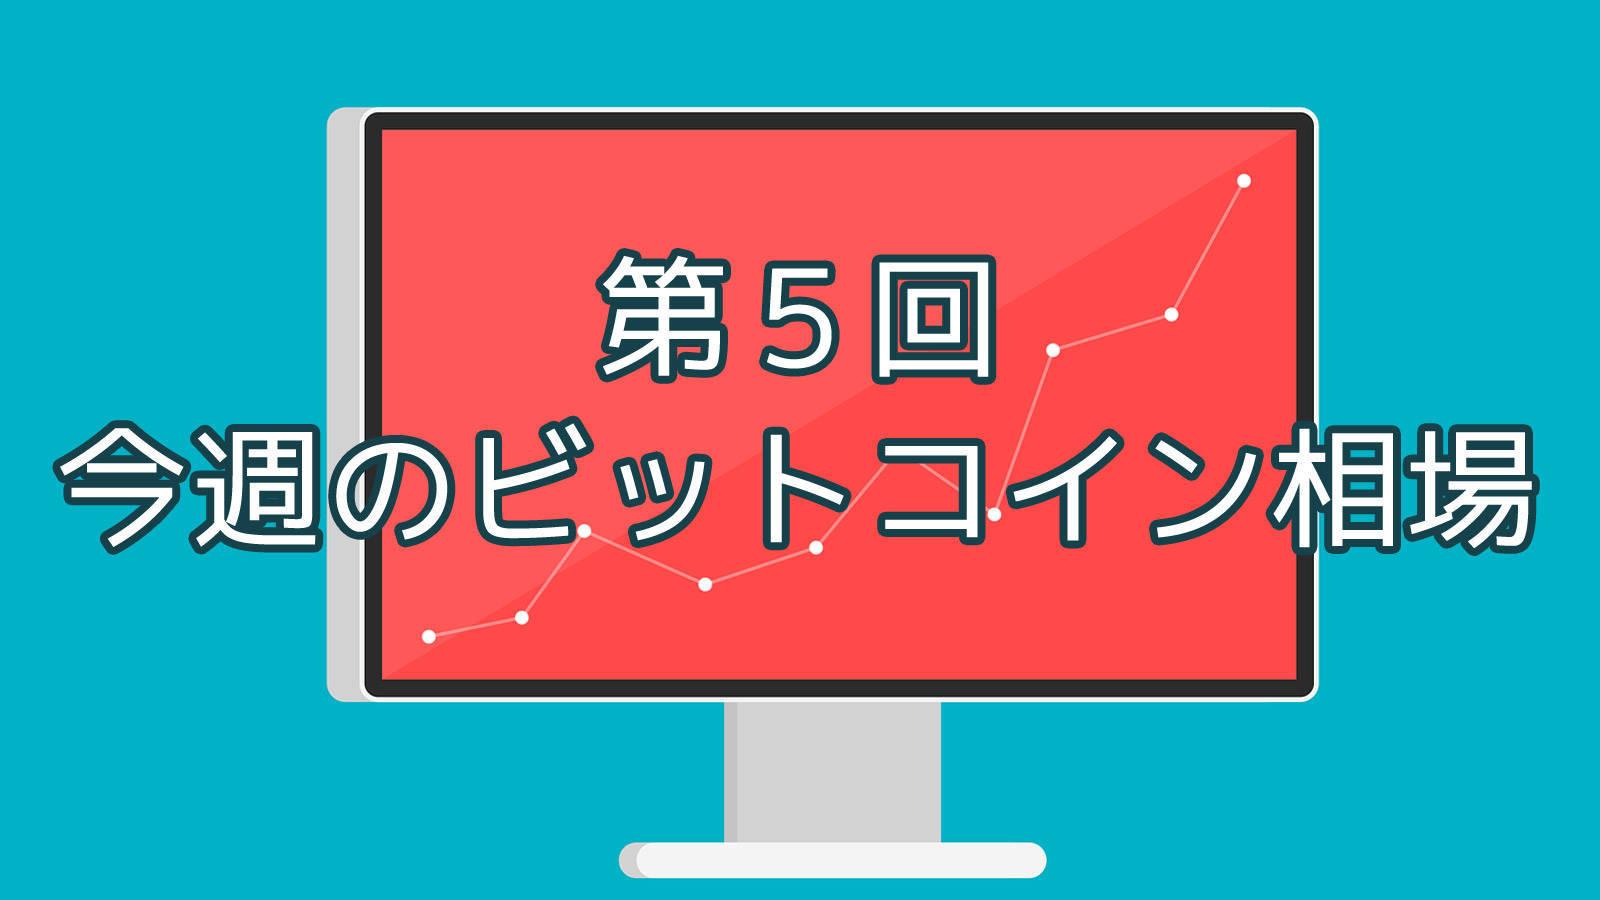 【第5回】今週のビットコイン相場 (3/12〜3/19)